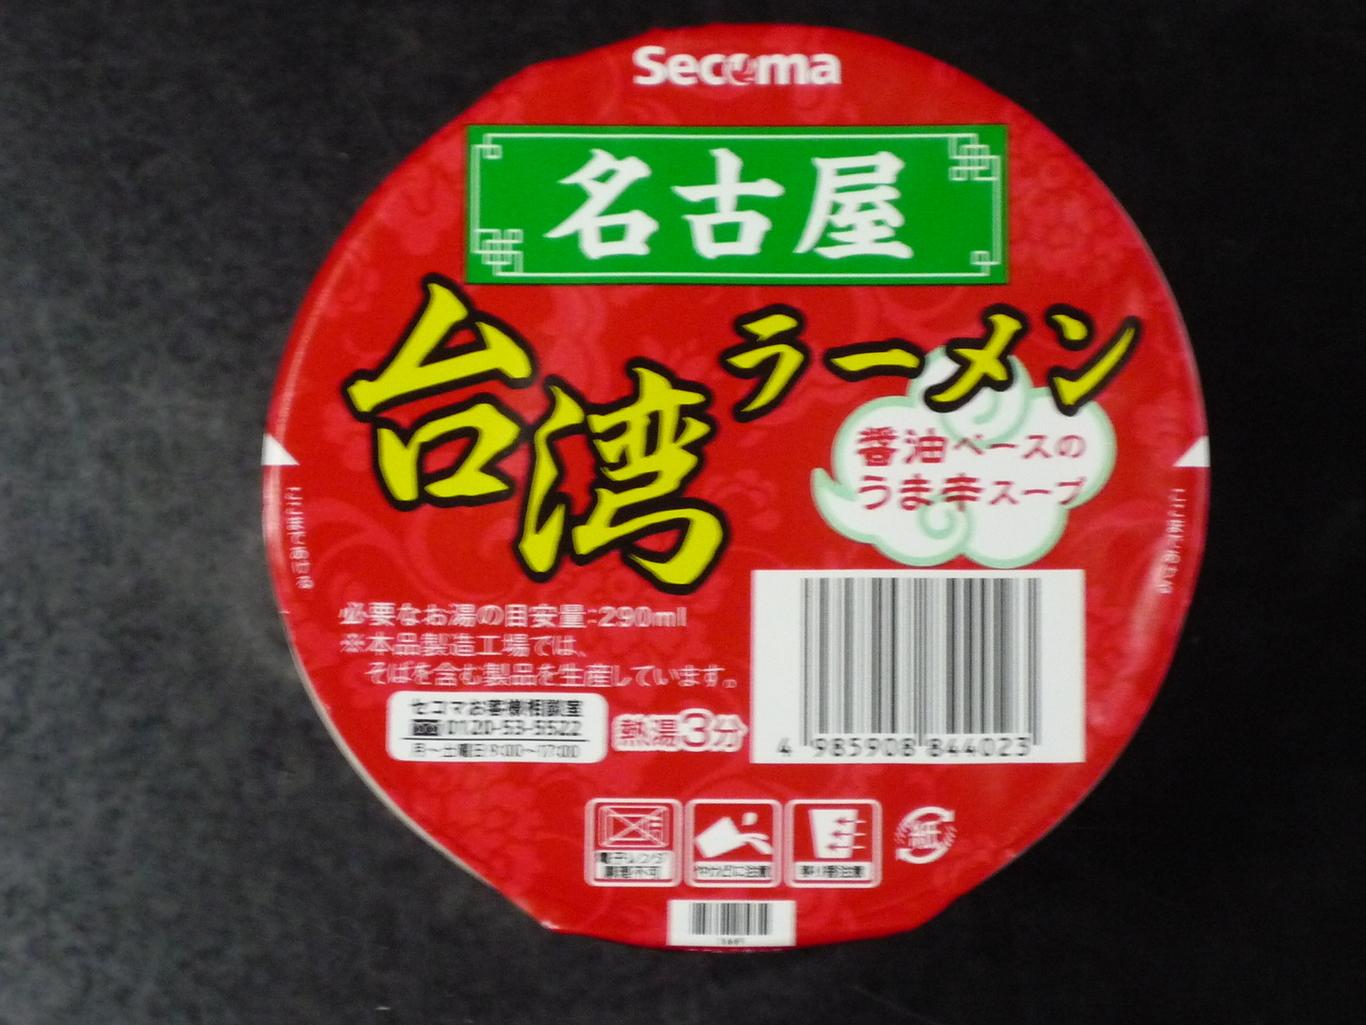 セコマ 名古屋台湾ラーメン